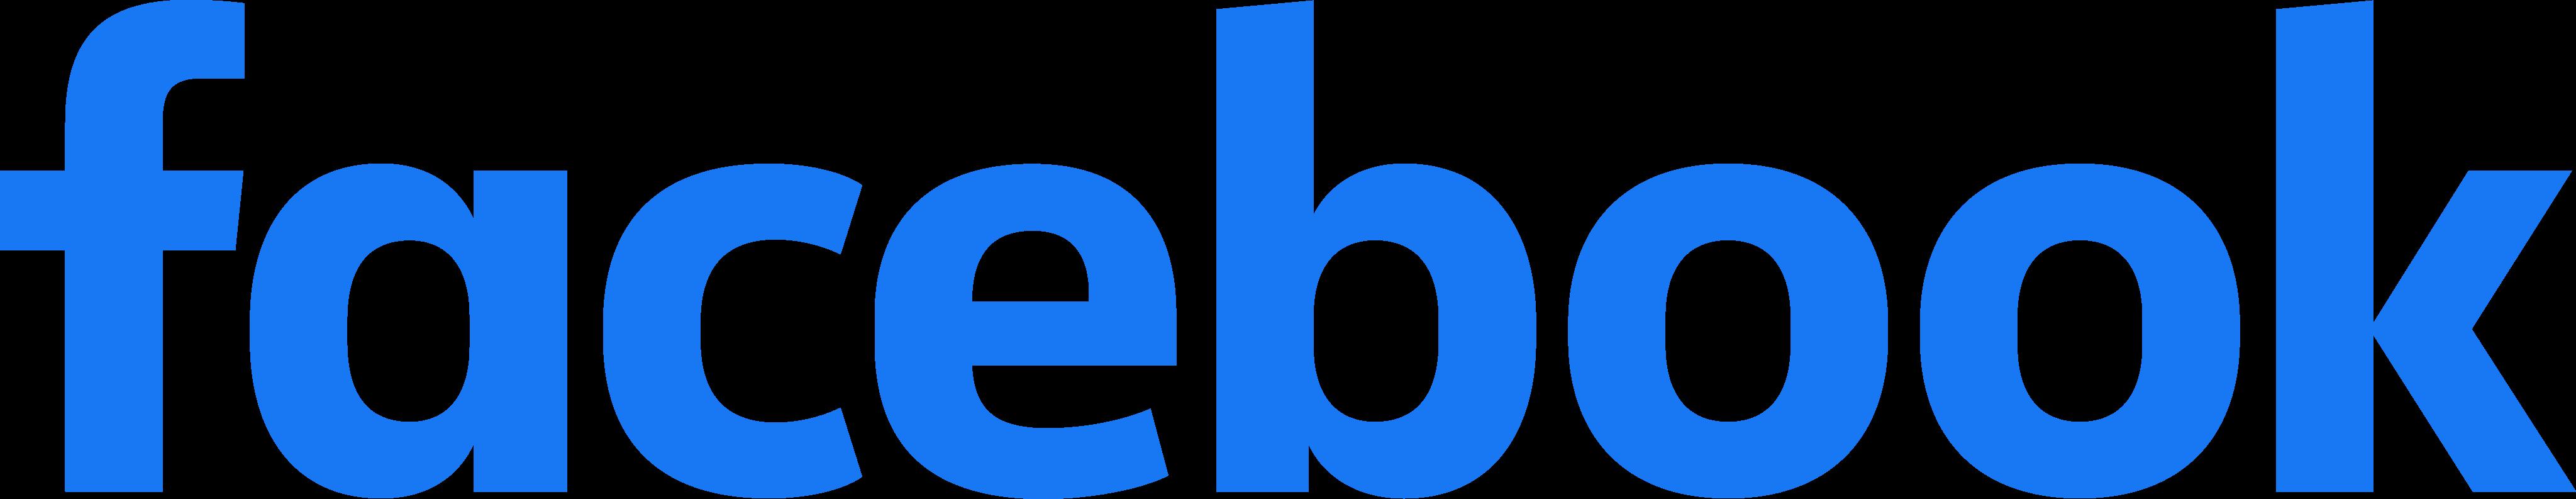 facebook logo 15 - Facebook Logo